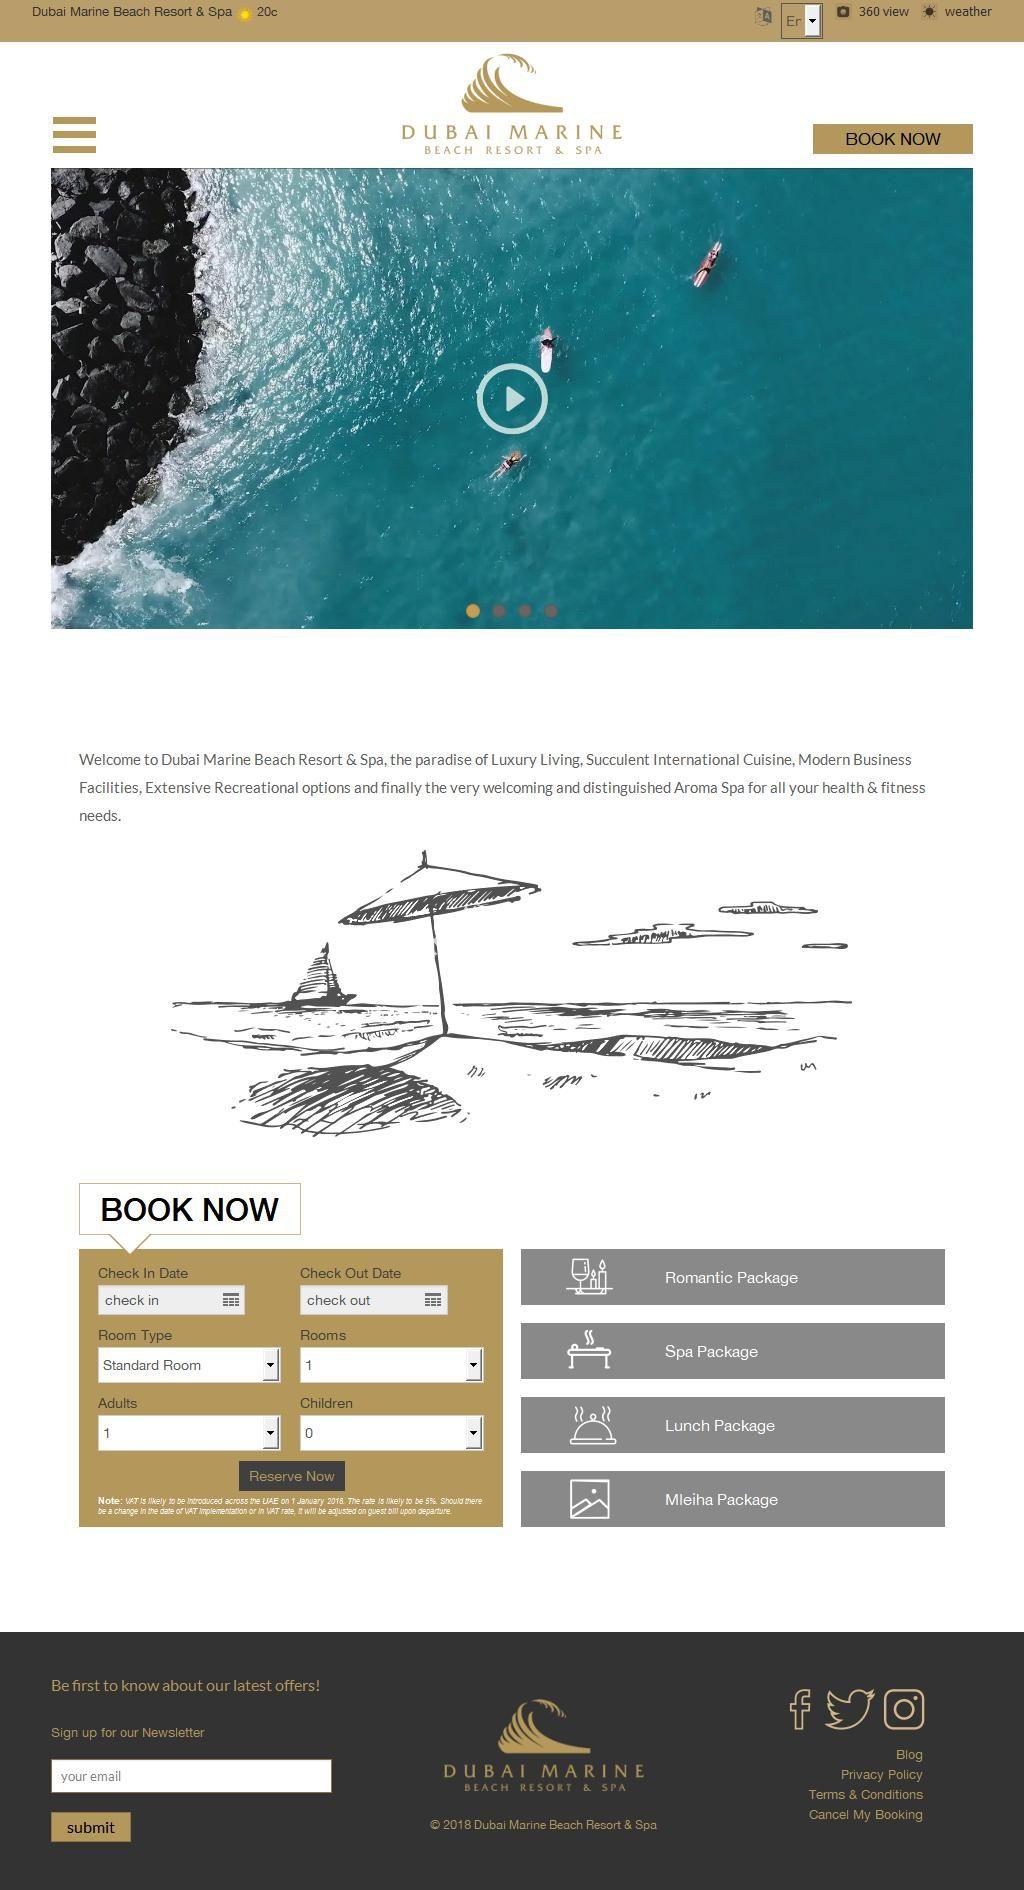 Dubai Marine Beach Club Hotels Dubai | www HaiUAE com is a complete